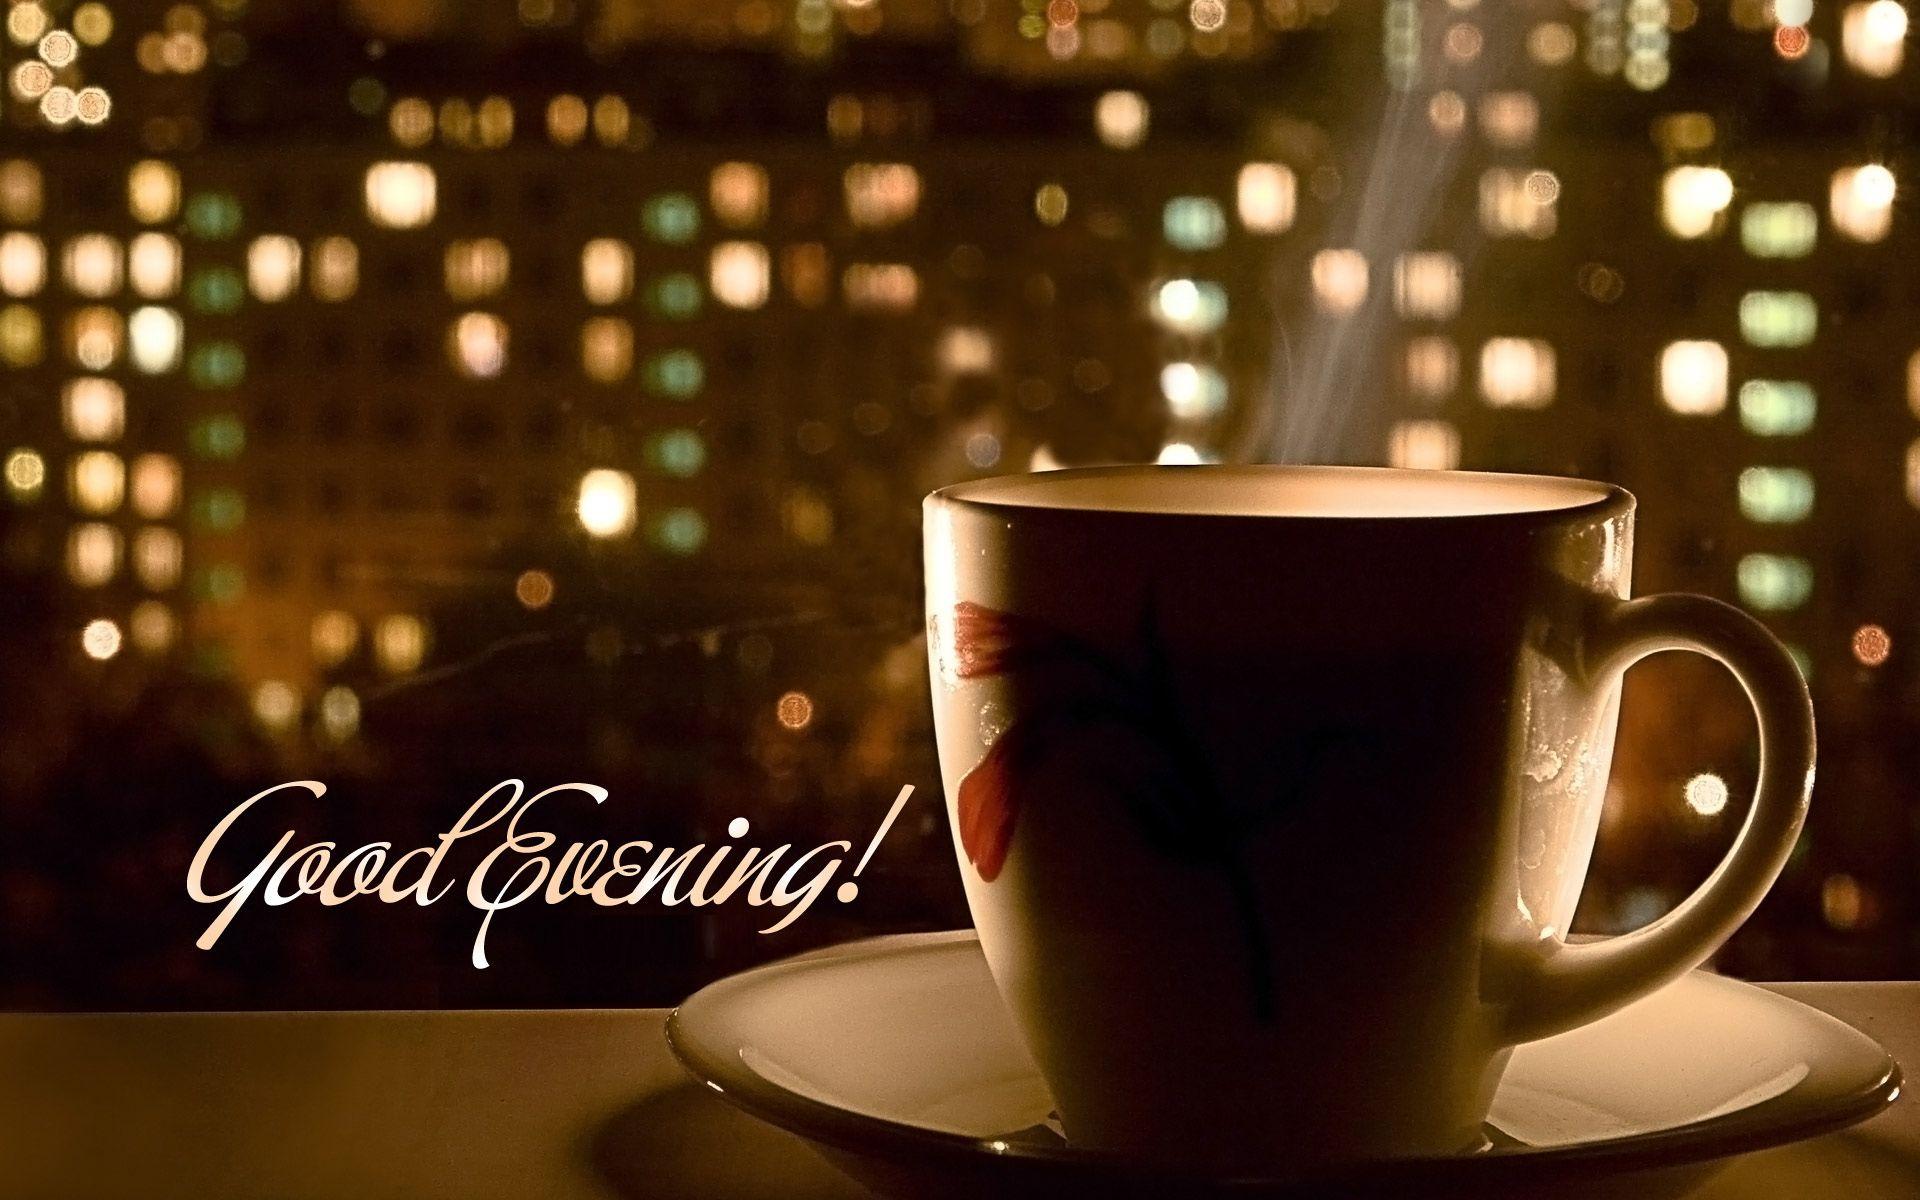 Good evening tea hd wallpaper good evening hd wallpapers